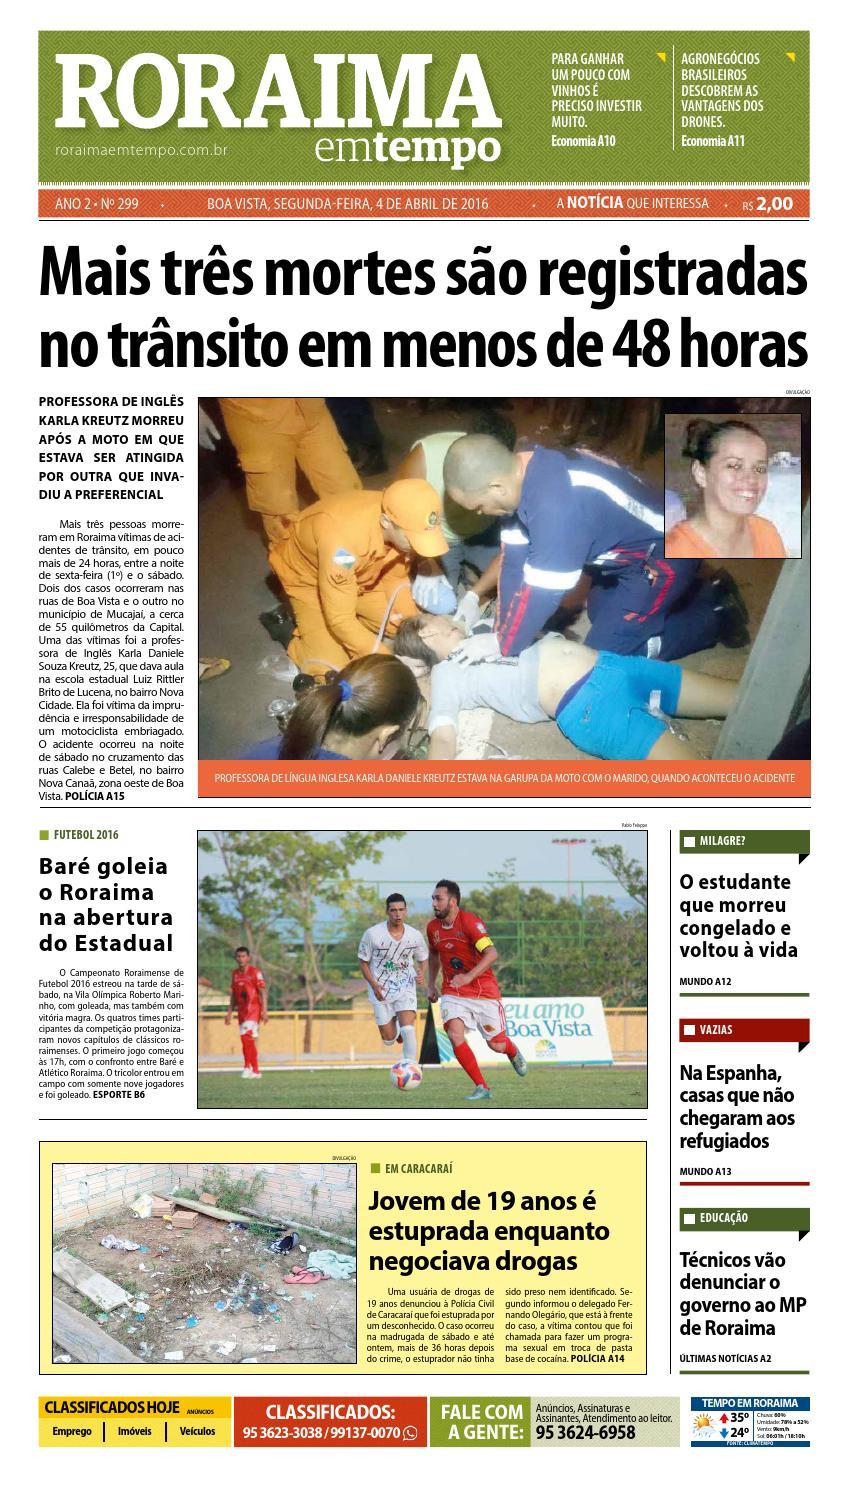 Jornal roraima em tempo – edição 299 – período de visualização gratuito by  RoraimaEmTempo - issuu c3c57eae48b